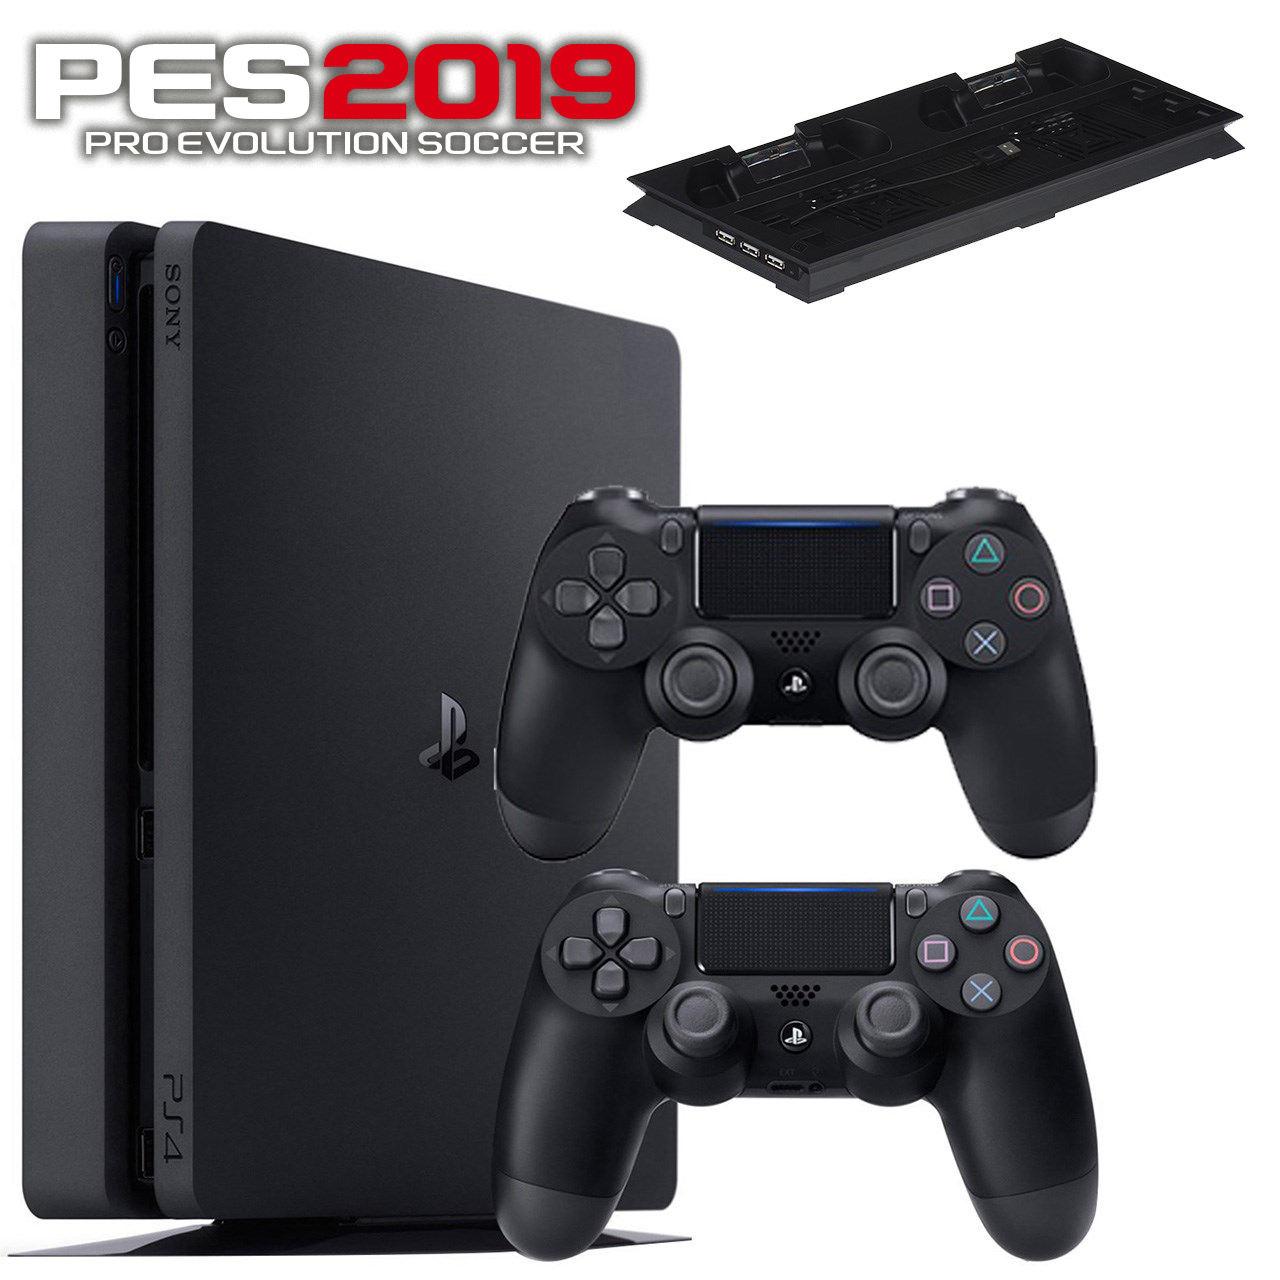 مجموعه کنسول بازی سونی مدل Playstation 4 Slim 2018 کد Region 2 CUH-2216A ظرفیت 500 گیگابایت